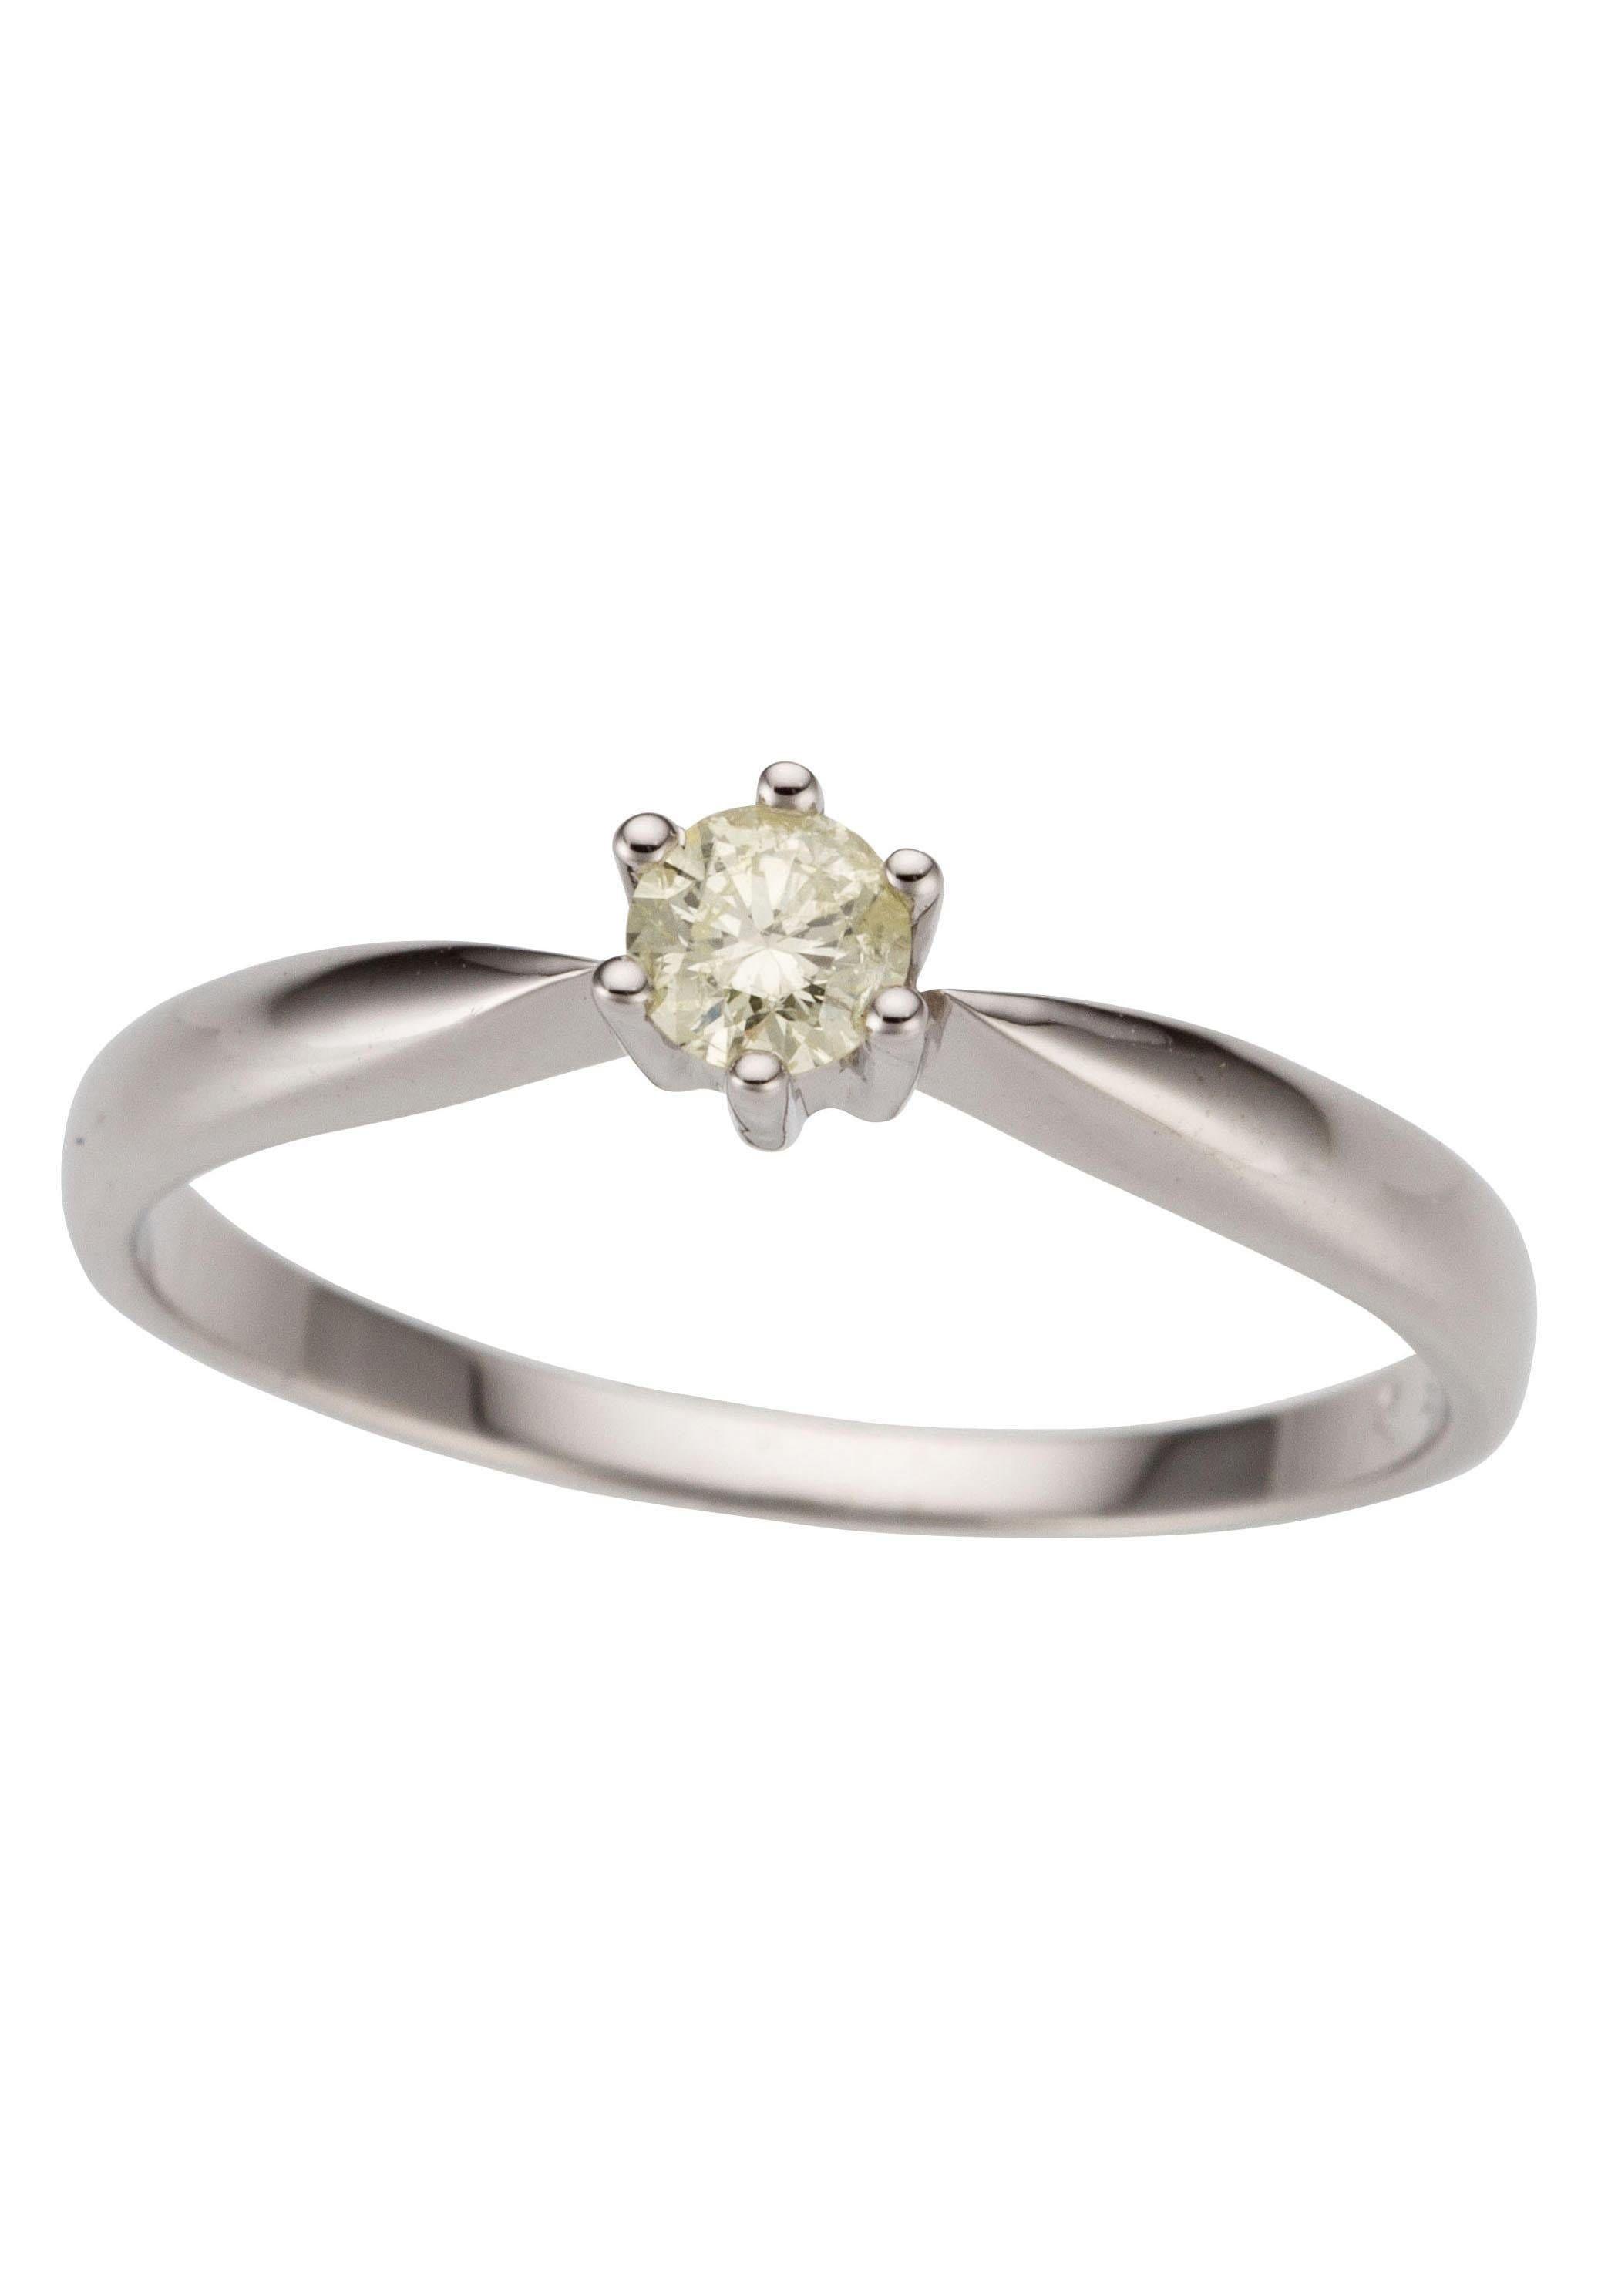 Firetti Fingerring Verlobungsring Vorsteckring Solitär Weißgold | Schmuck > Ringe > Fingerringe | Firetti